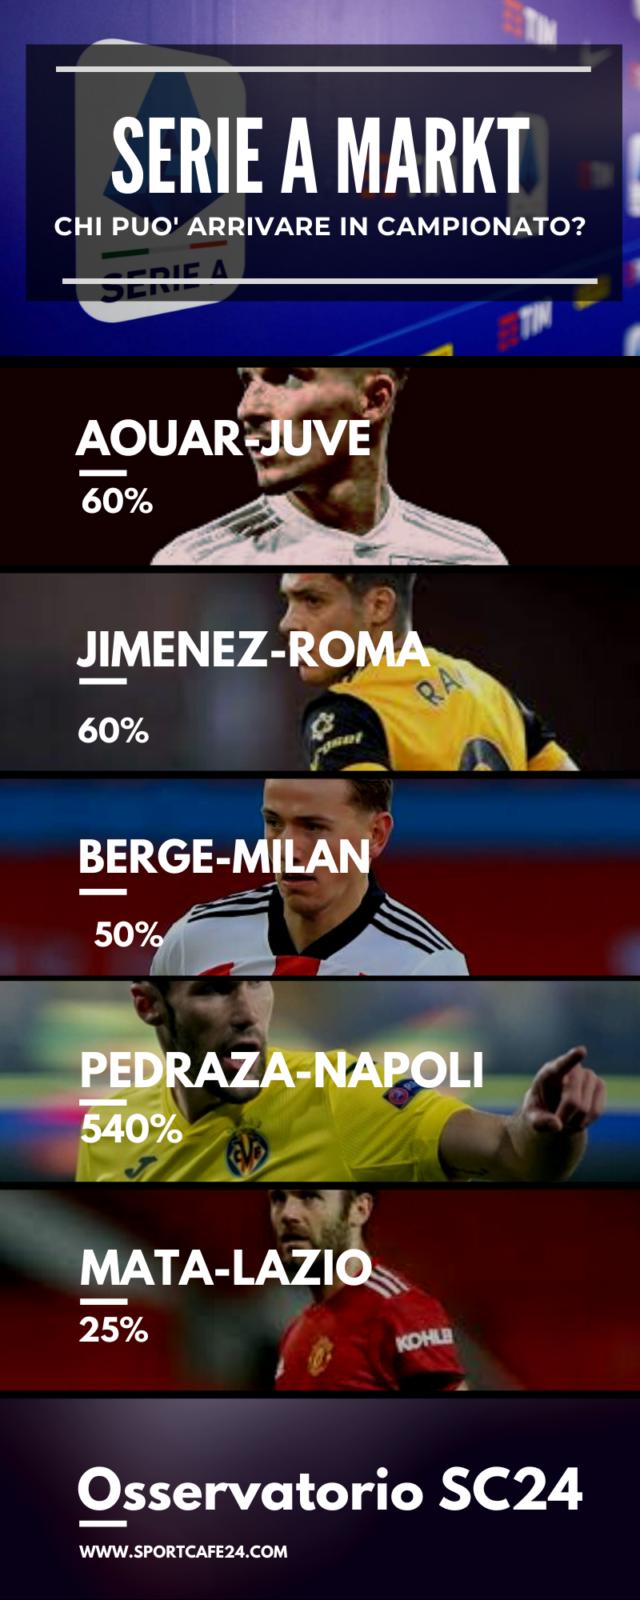 Berge, possibile colpo del Milan in Premier